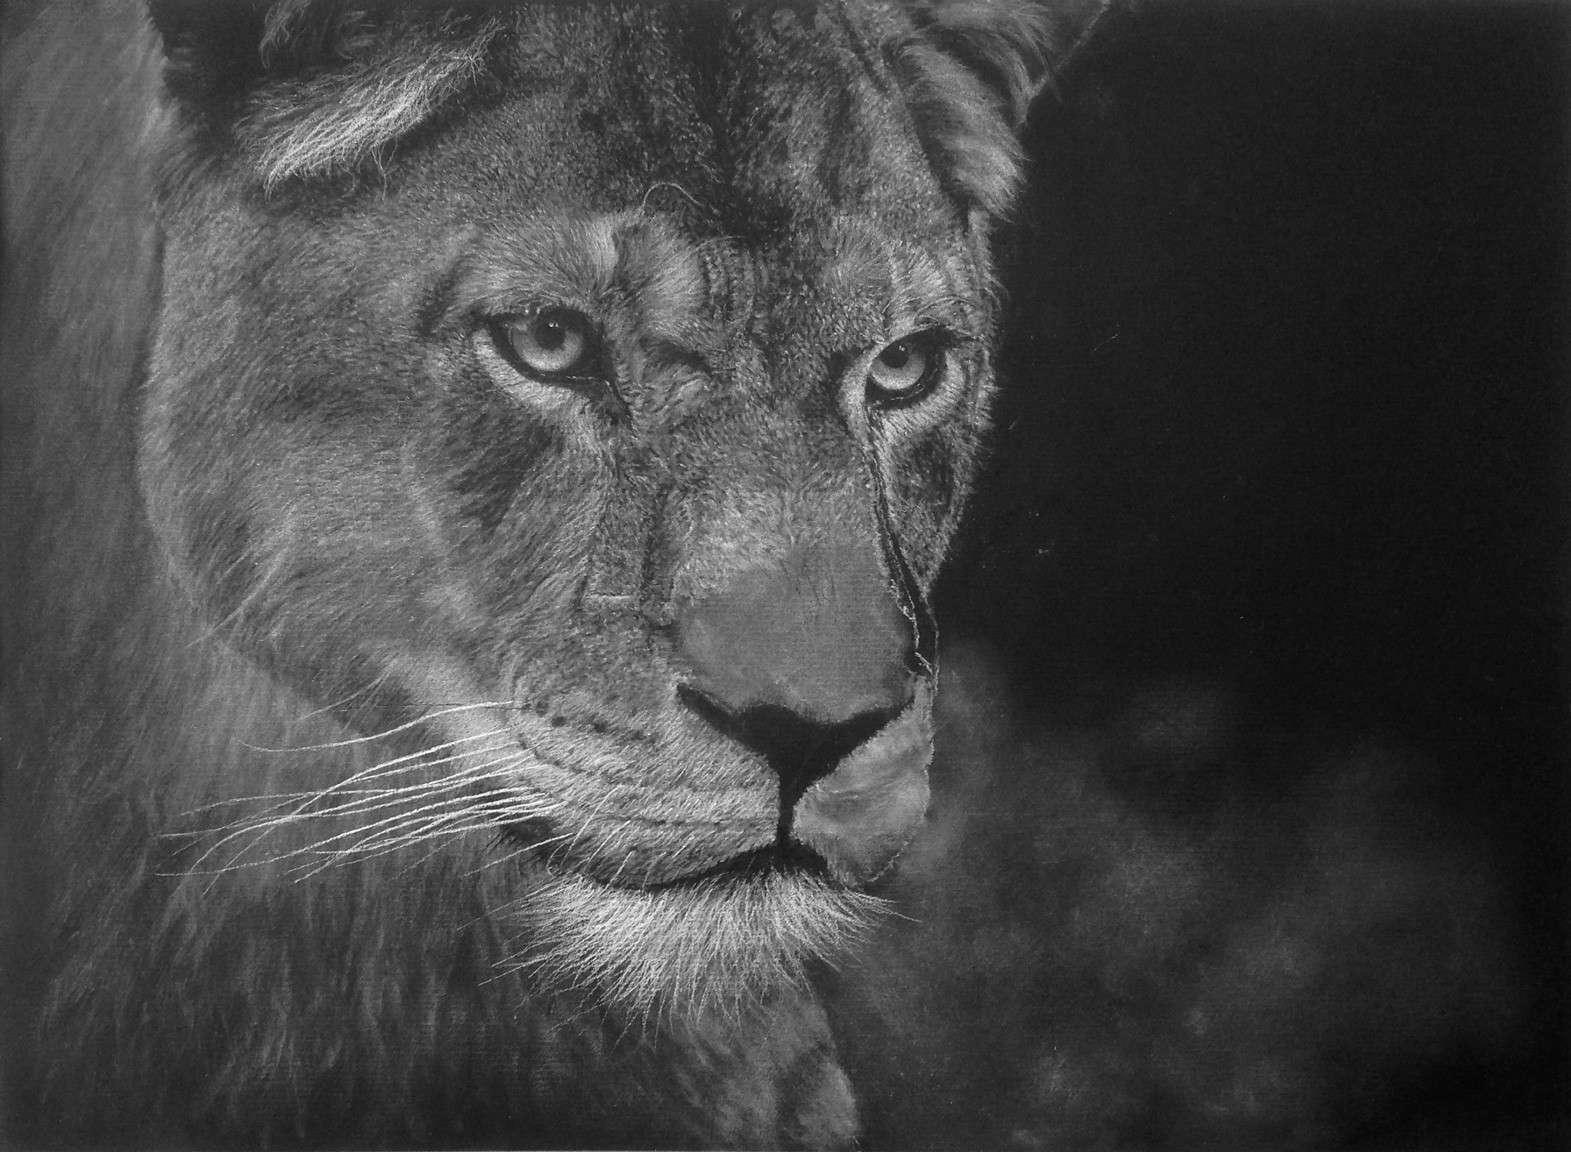 Blanc sur noir dessin d 39 une lionne par tapes - Lionne dessin ...